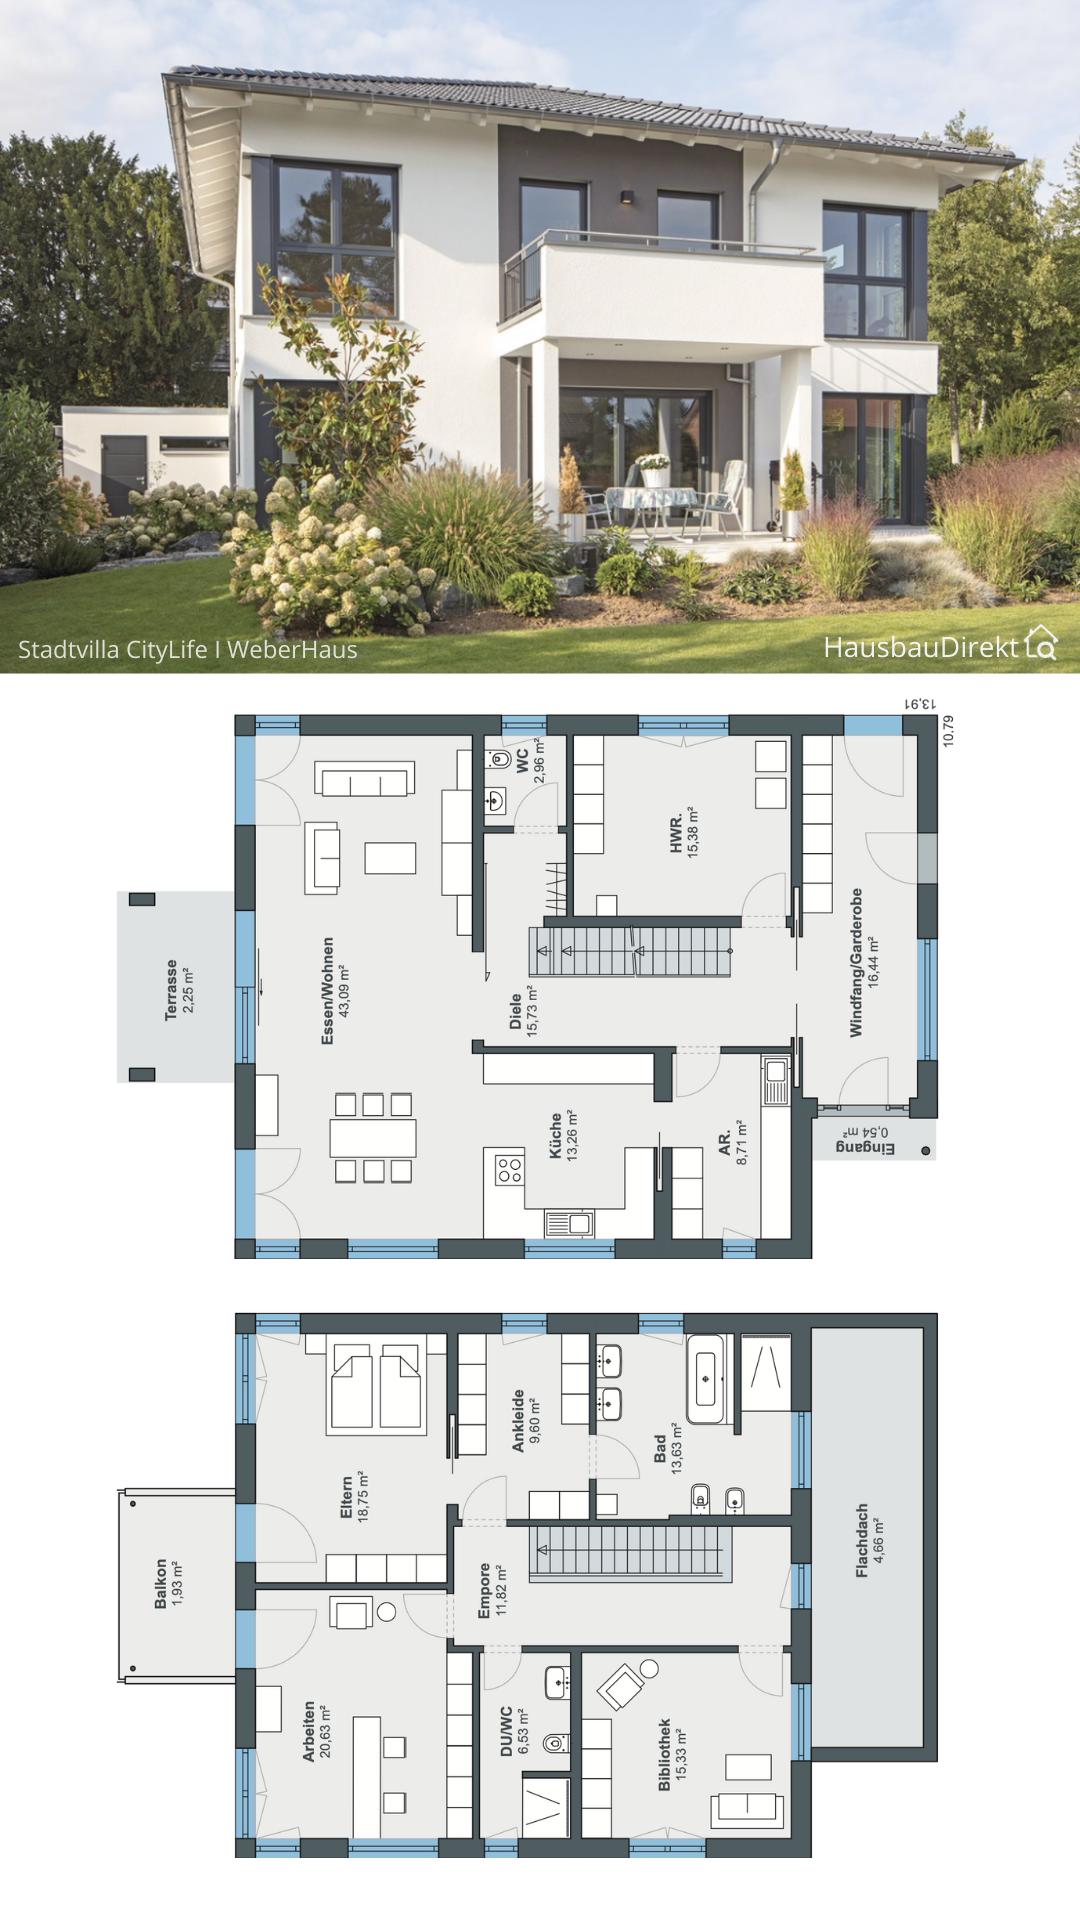 Moderne Stadtvilla mit Walmdach Putz Fassade & Balkon bauen Haus Grundriss mit gerade Treppe